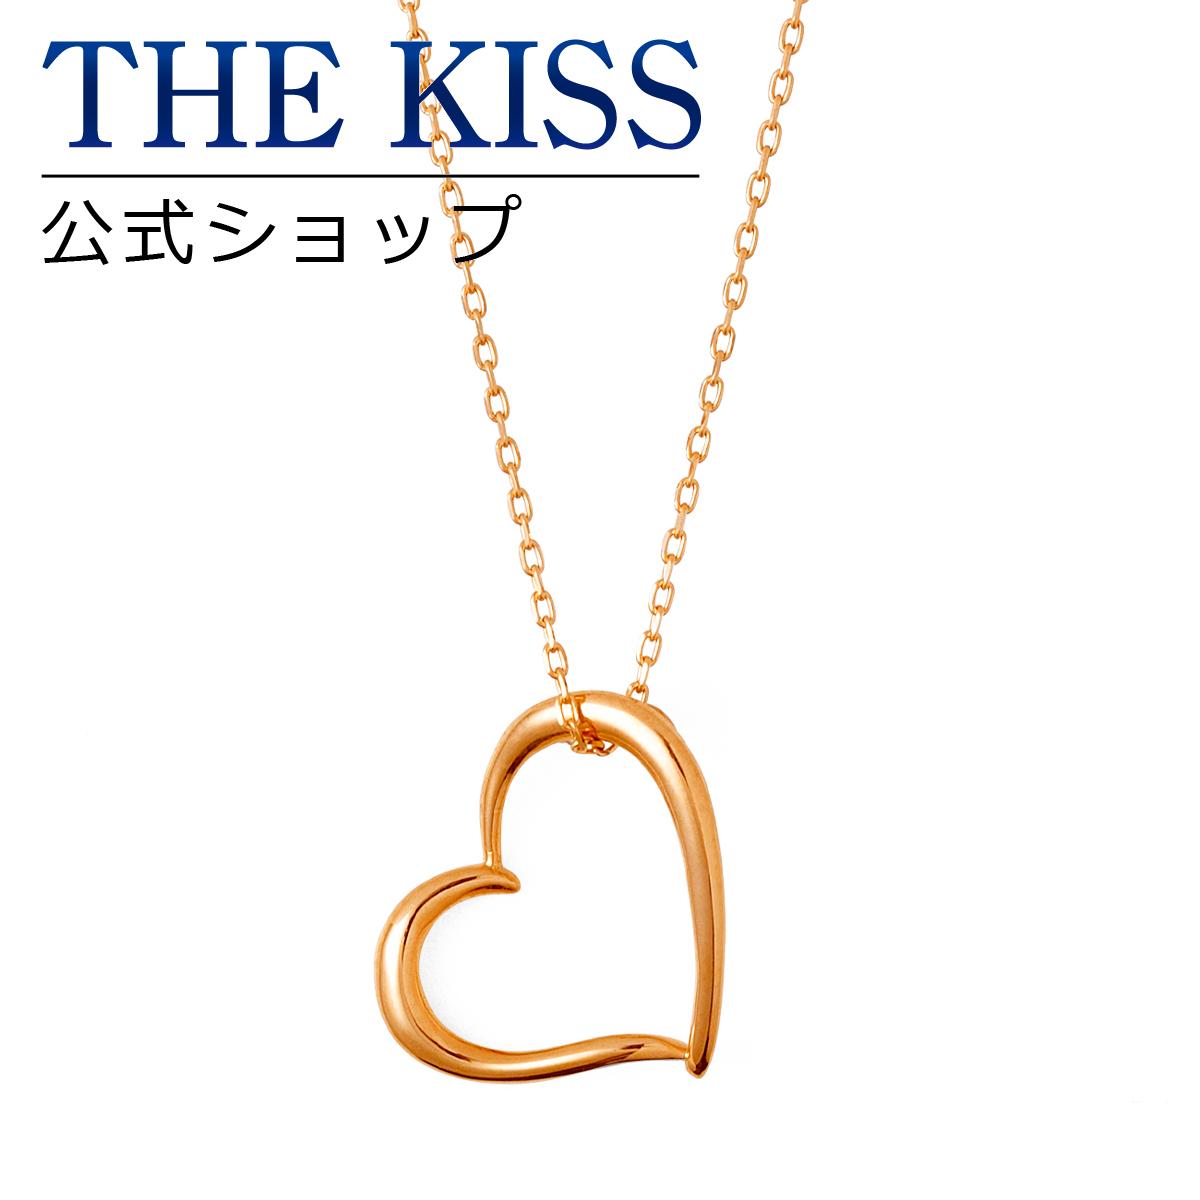 【あす楽対応】【送料無料】【THE KISS sweets】 K10ピンクゴールド レディース ネックレス 40cm ☆ ゴールド レディース ネックレス 首飾り ブランド Ladies Necklace